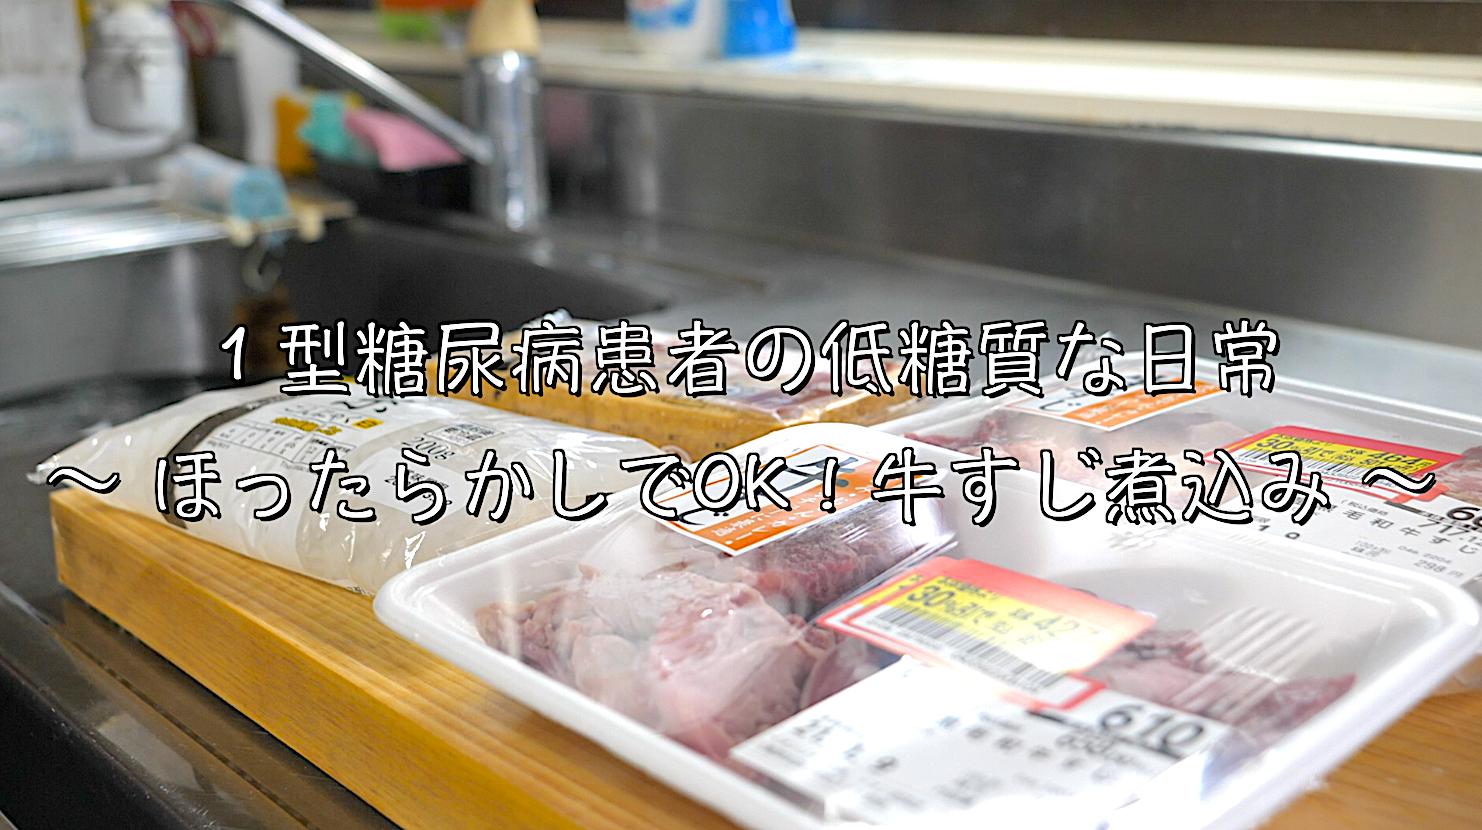 牛すじ 煮込み レシピ 低糖質